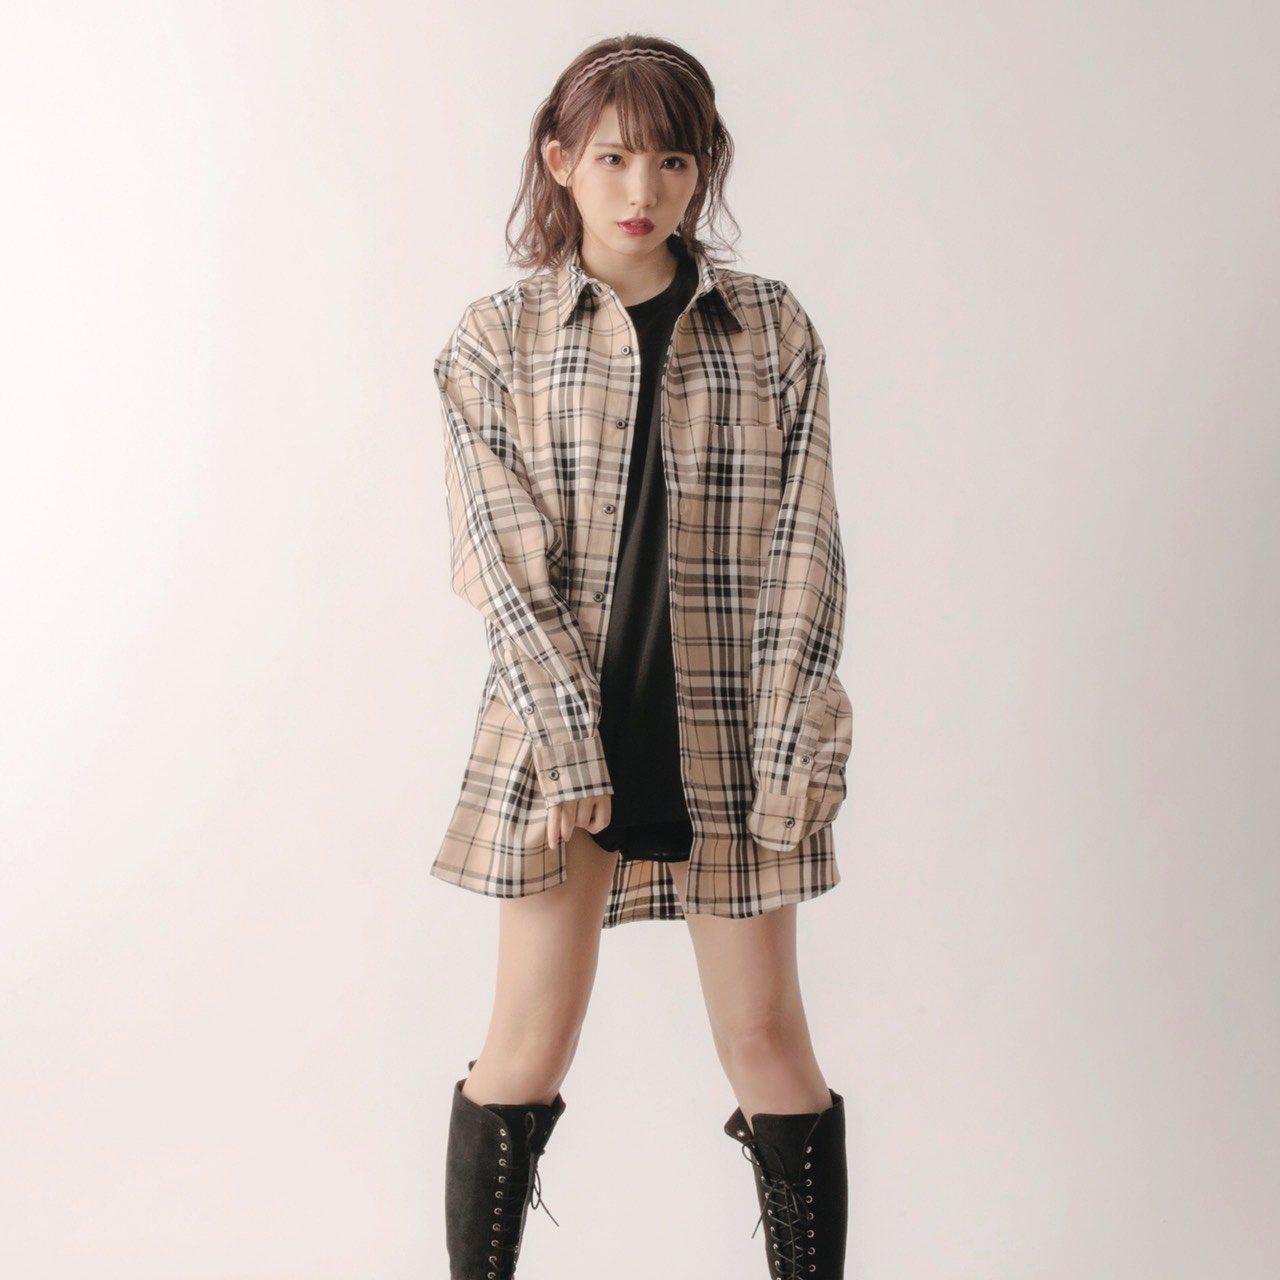 日本美女Enako Cos《七大罪》 酥胸微露长腿吸睛日本美女Enako Cos《七大罪》 酥胸微露长腿吸睛